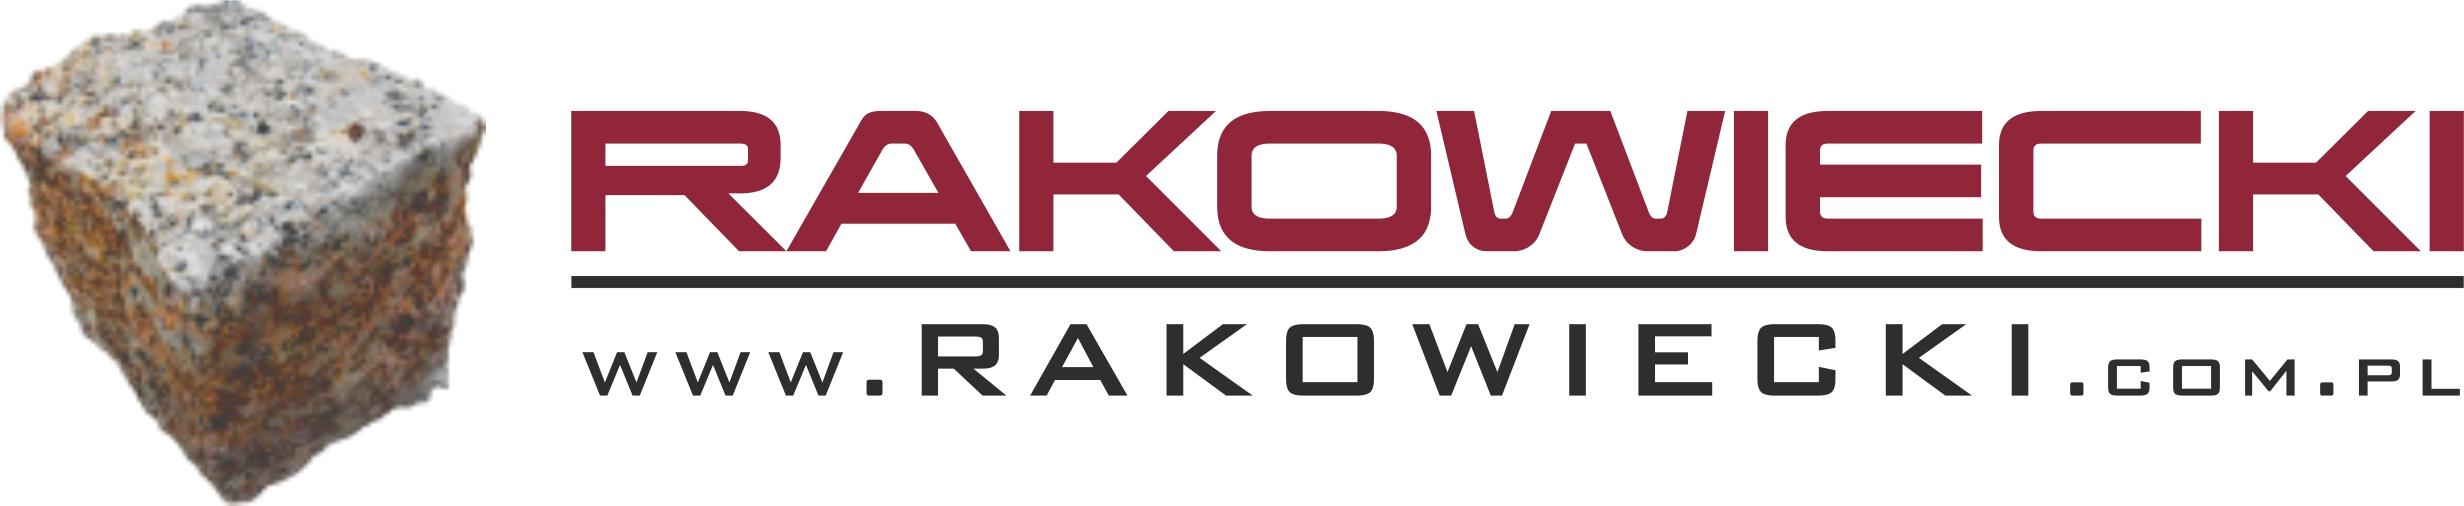 rakowiecki logo